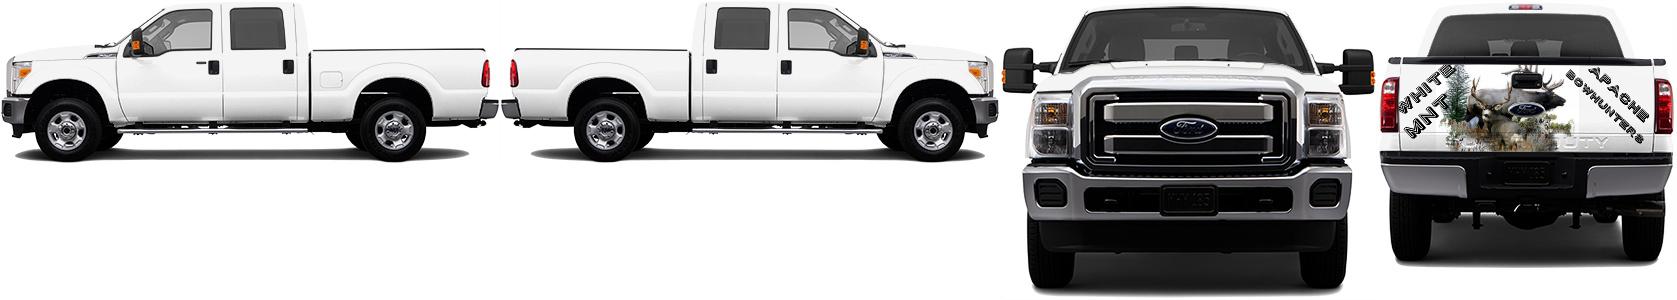 Truck Wrap #46162